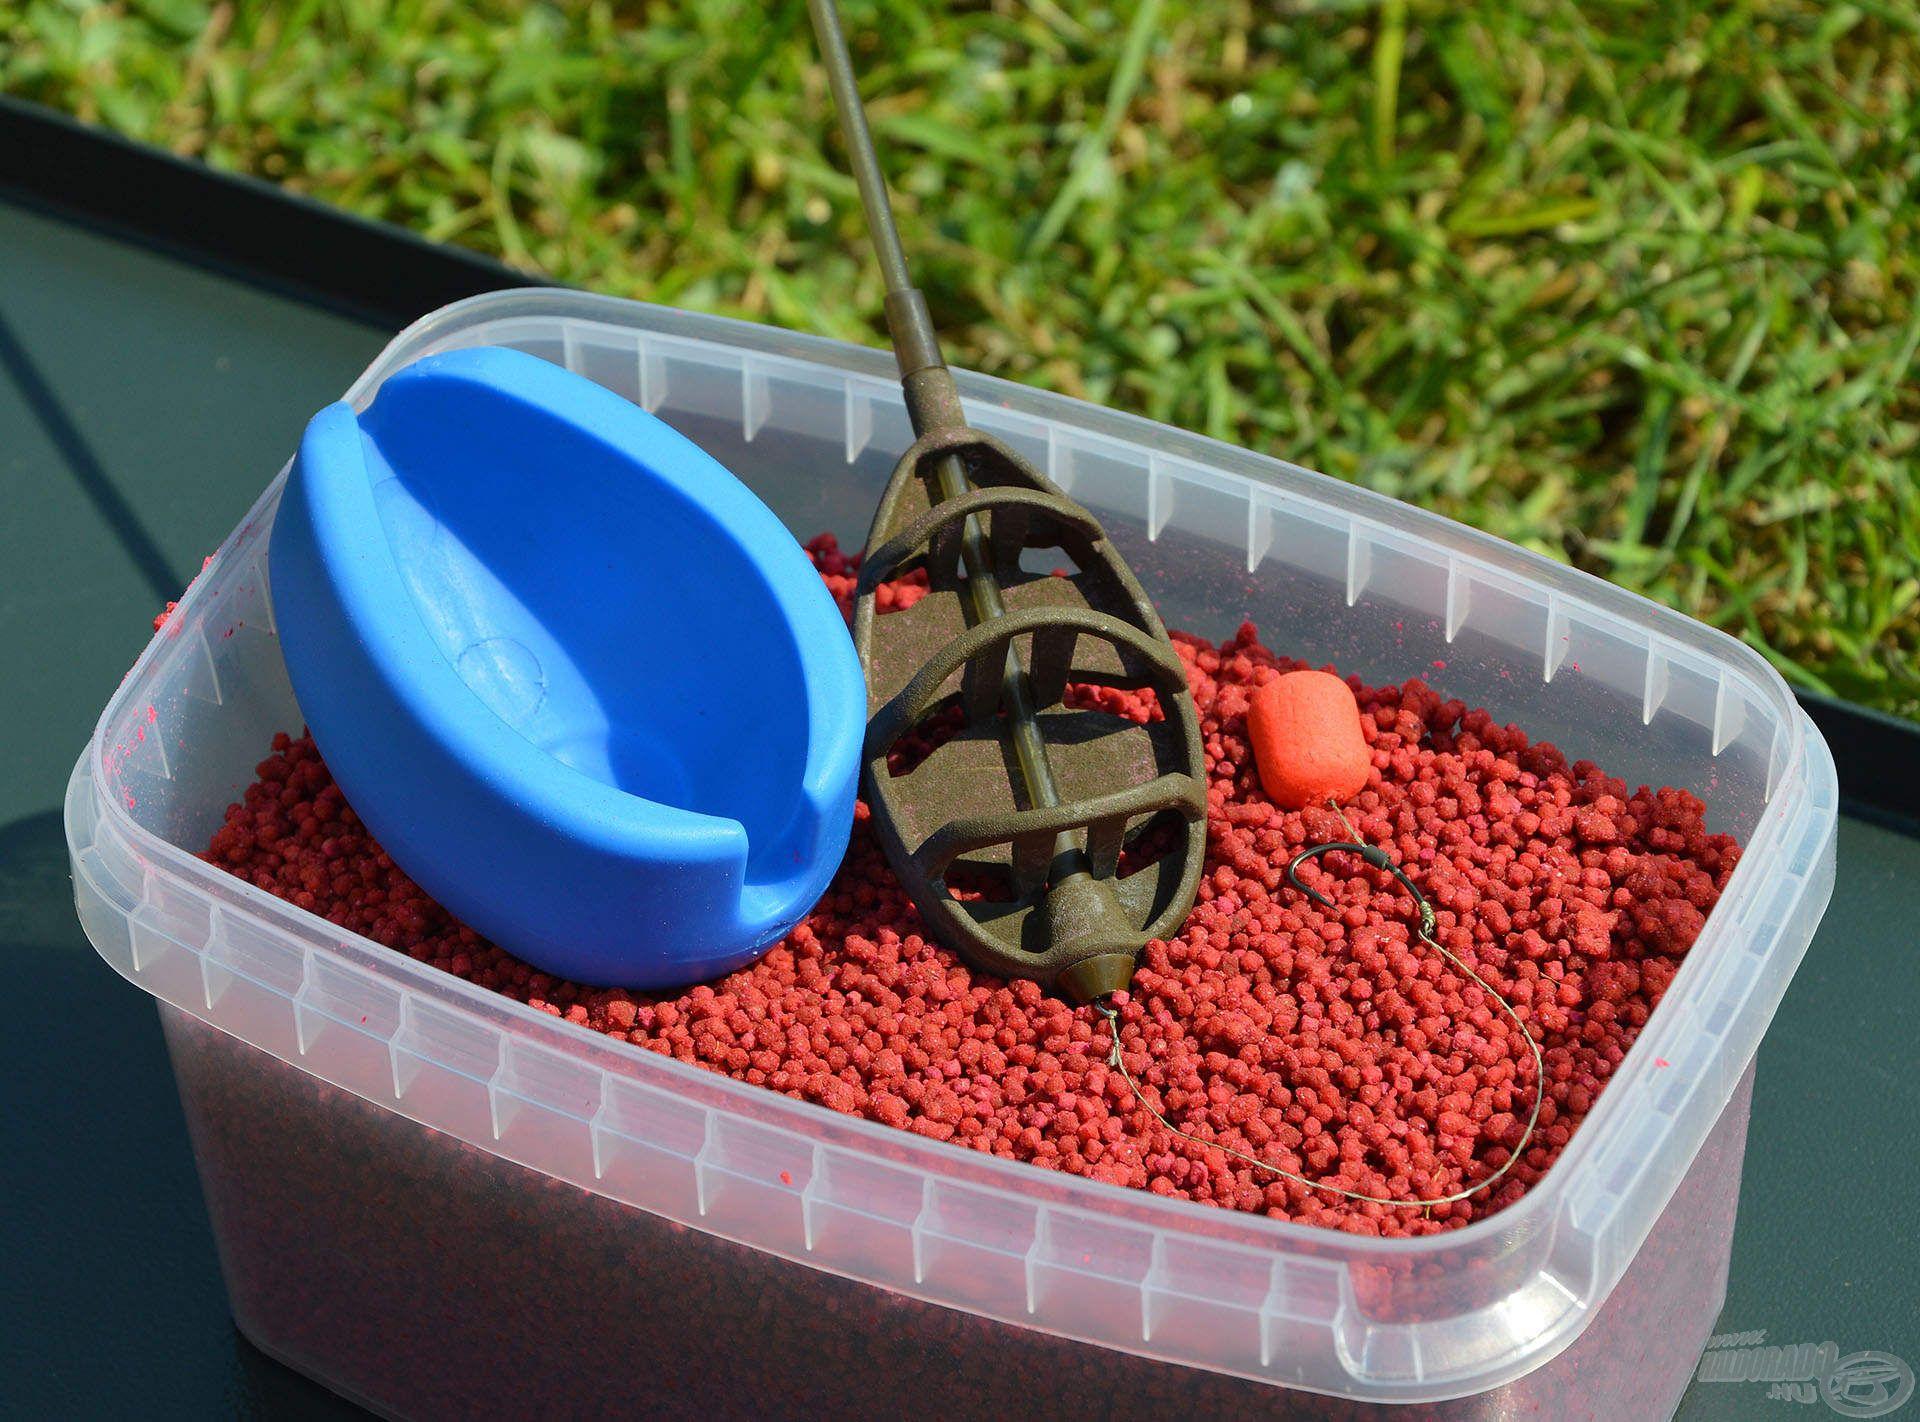 A Micro Method Feed Pelletek egyik előnye, hogy nagyon hamar elkészíthetők: amint a pelletek megdagadtak, rögvest kosárba tölthetők és készen állnak a horgászatra